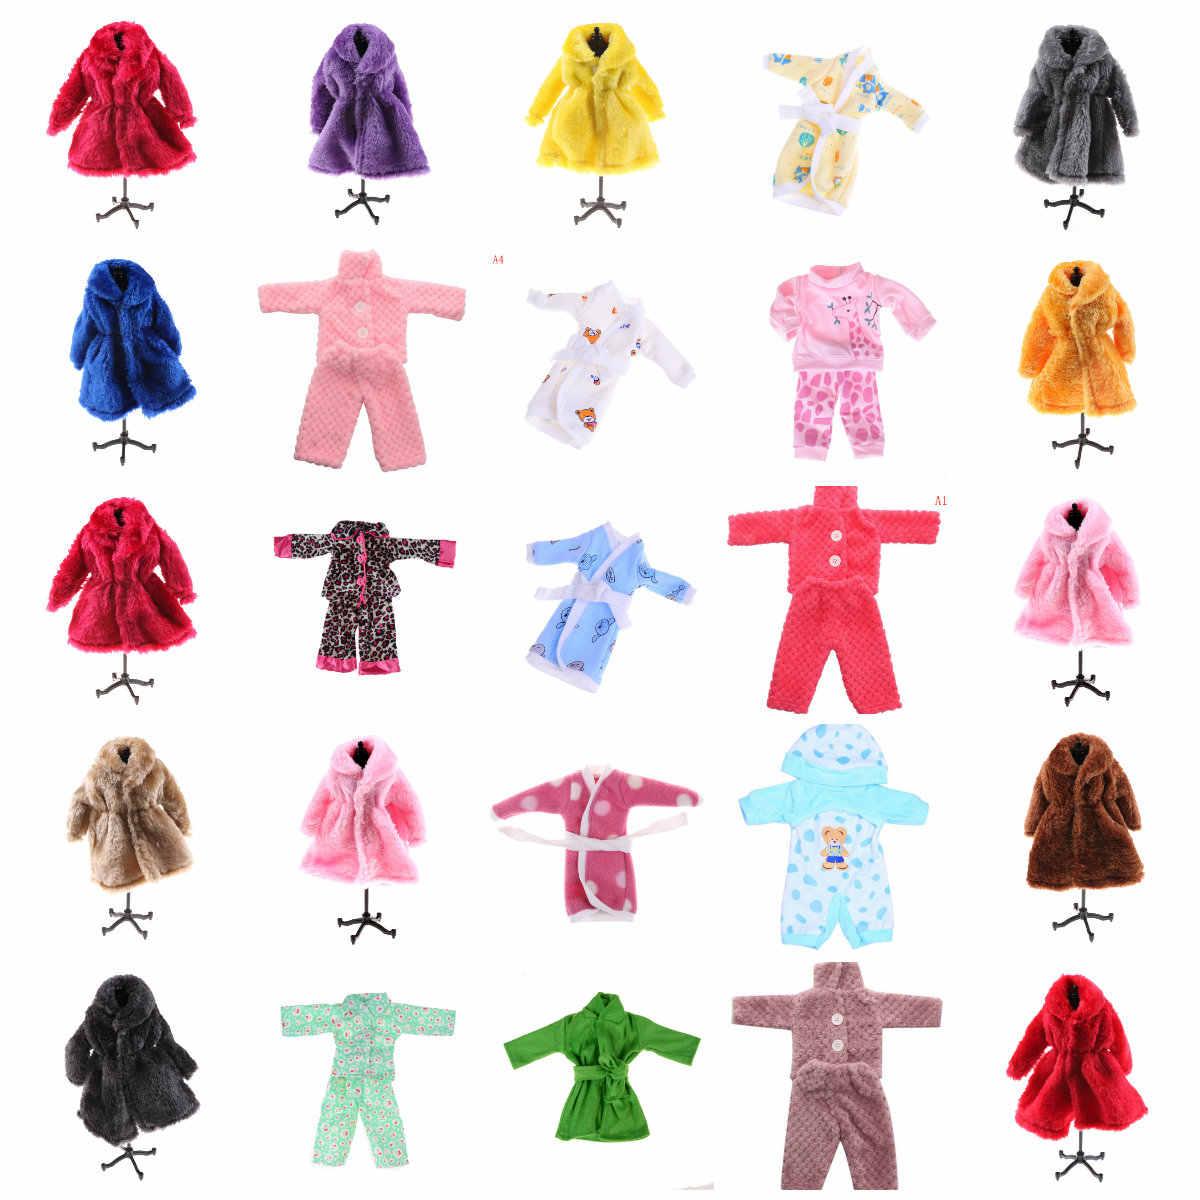 מכירה לוהטת צבעוני פרווה מעיל מיני לבגדי חורף חם ללבוש בובות פרווה בובת בגדי ילדים צעצוע בובת אבזרים